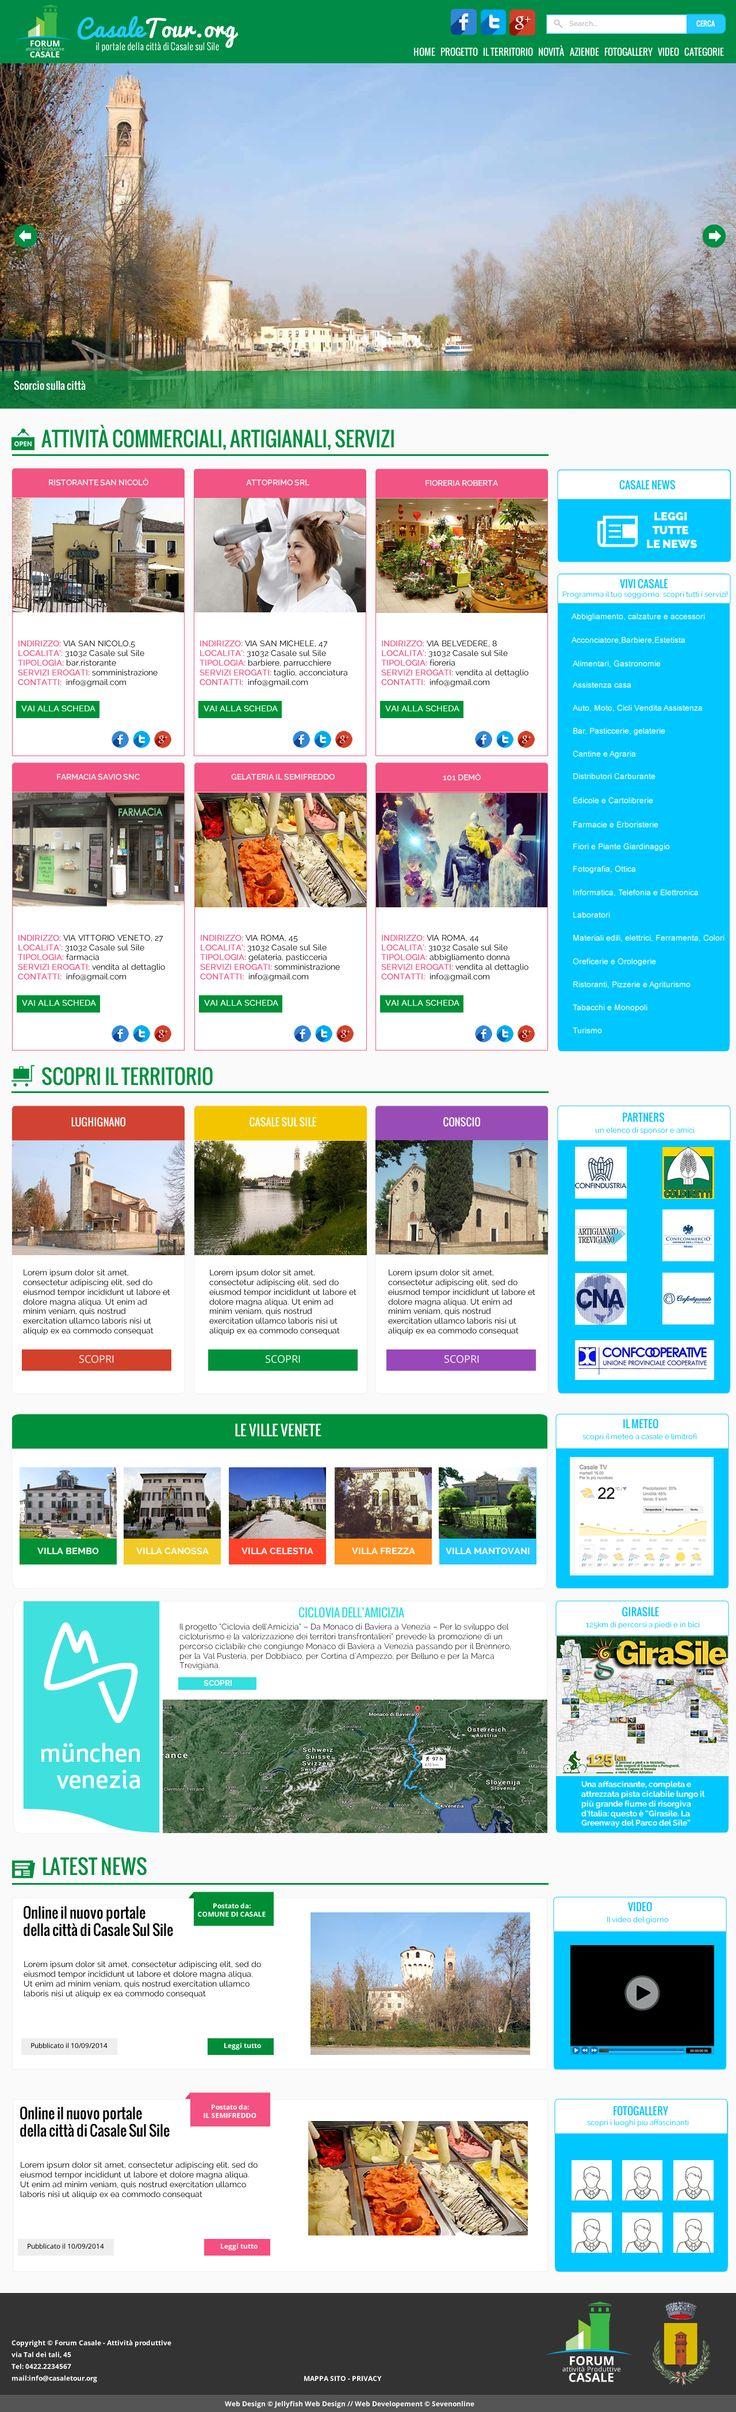 Casale sul Sile - portale della città.  Novembre 2014.   By Jellyfish Design  www.jellyfishdesign.it